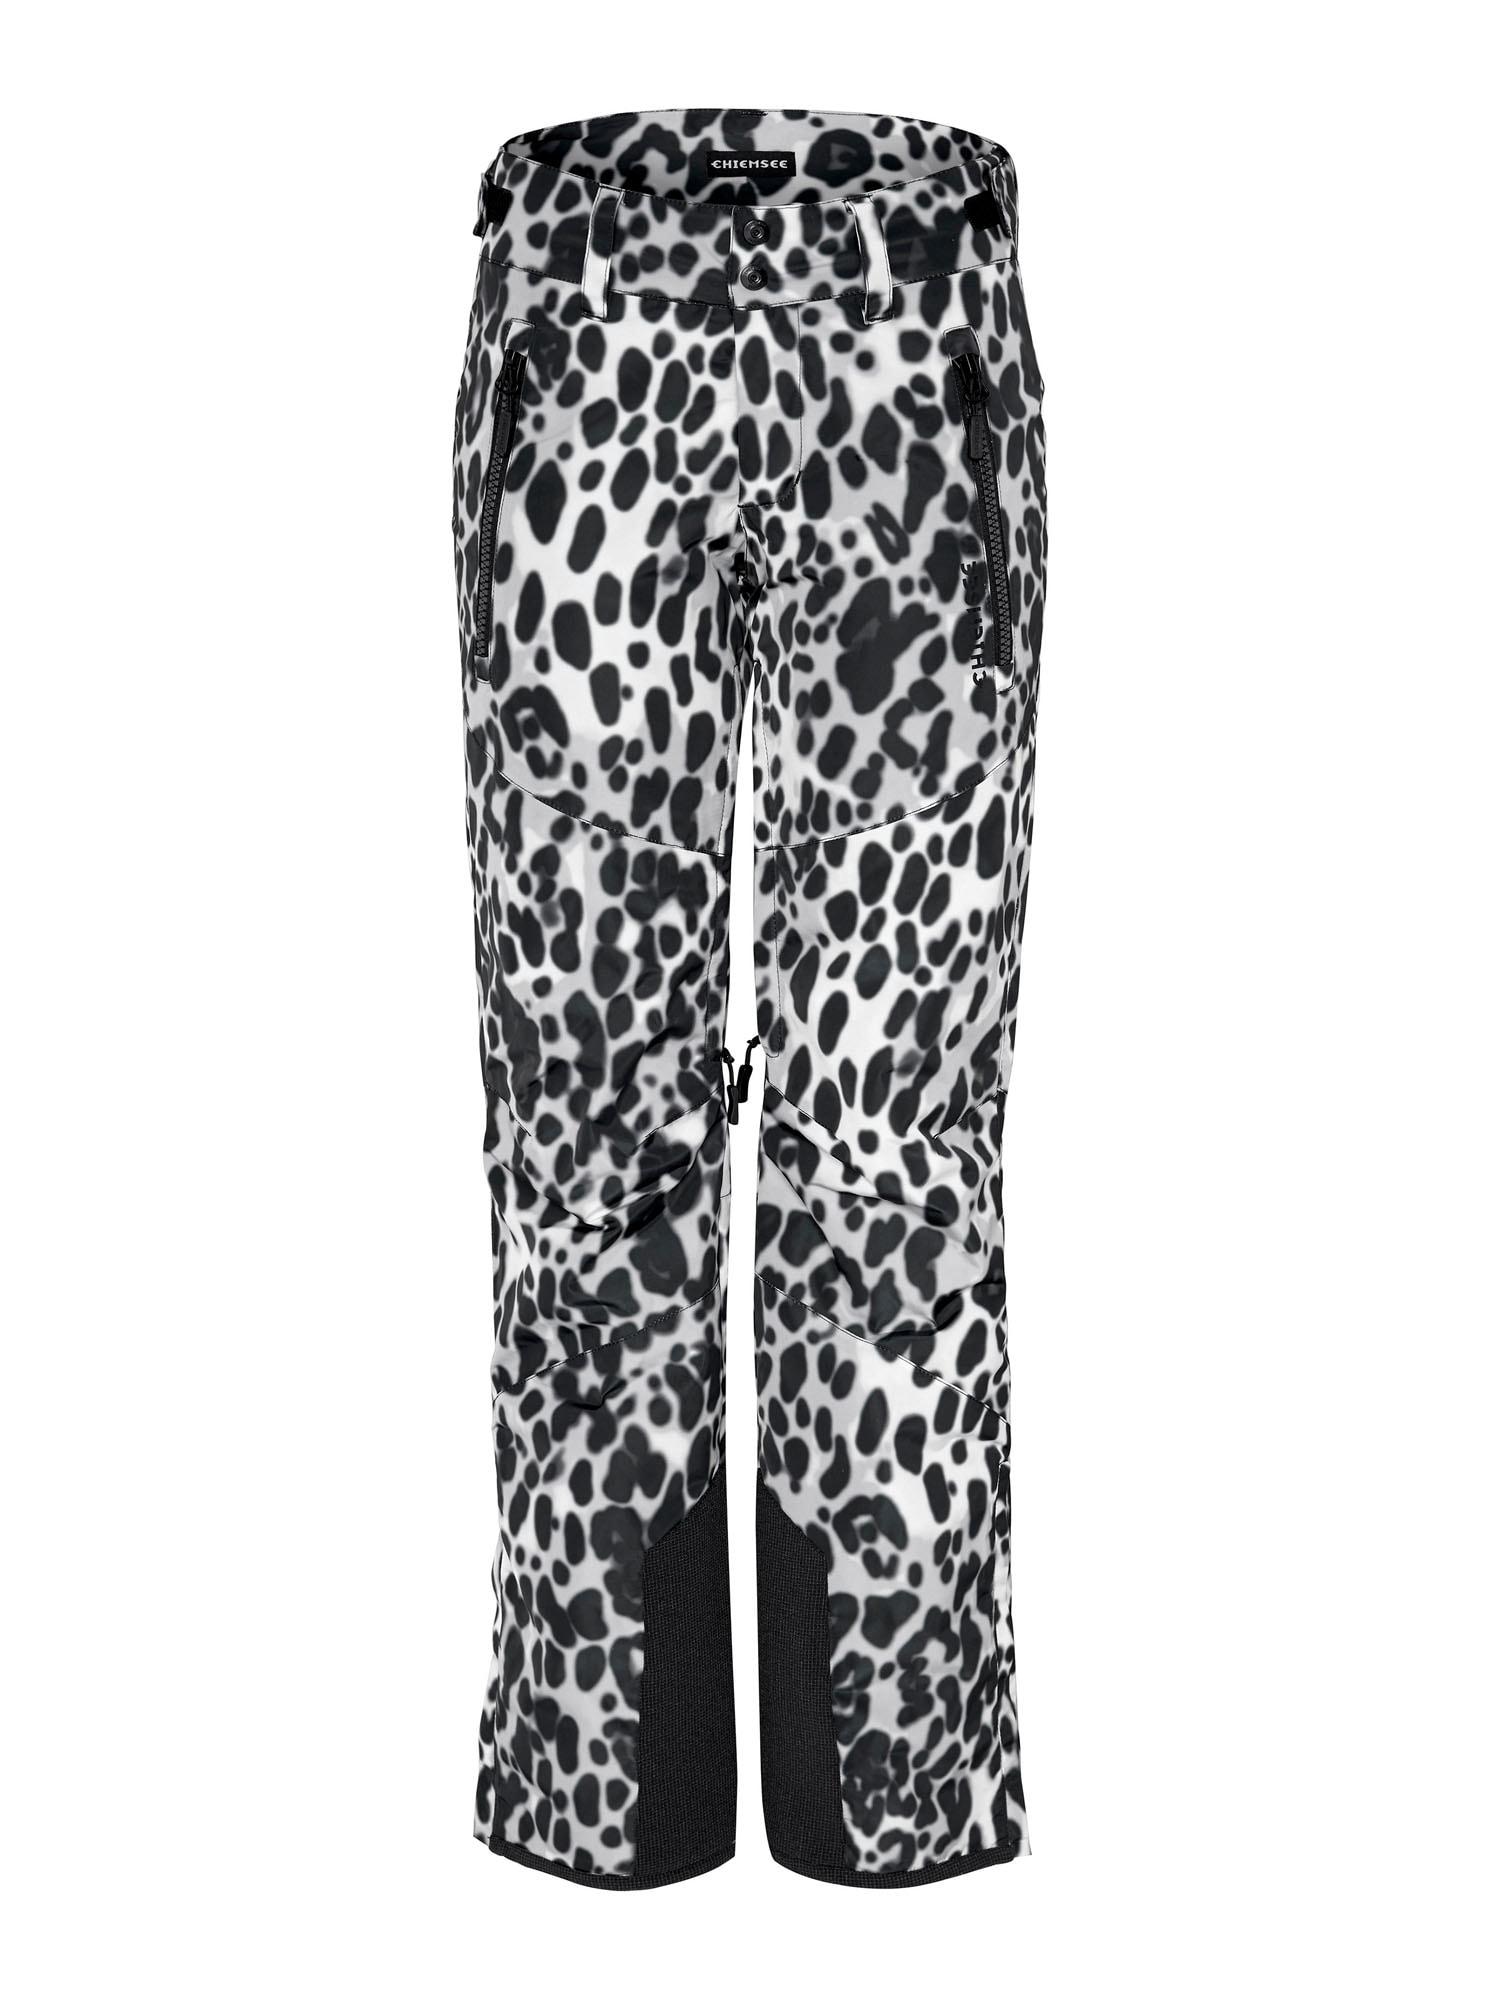 CHIEMSEE Sportovní kalhoty 'Kizzy'  černá / bílá